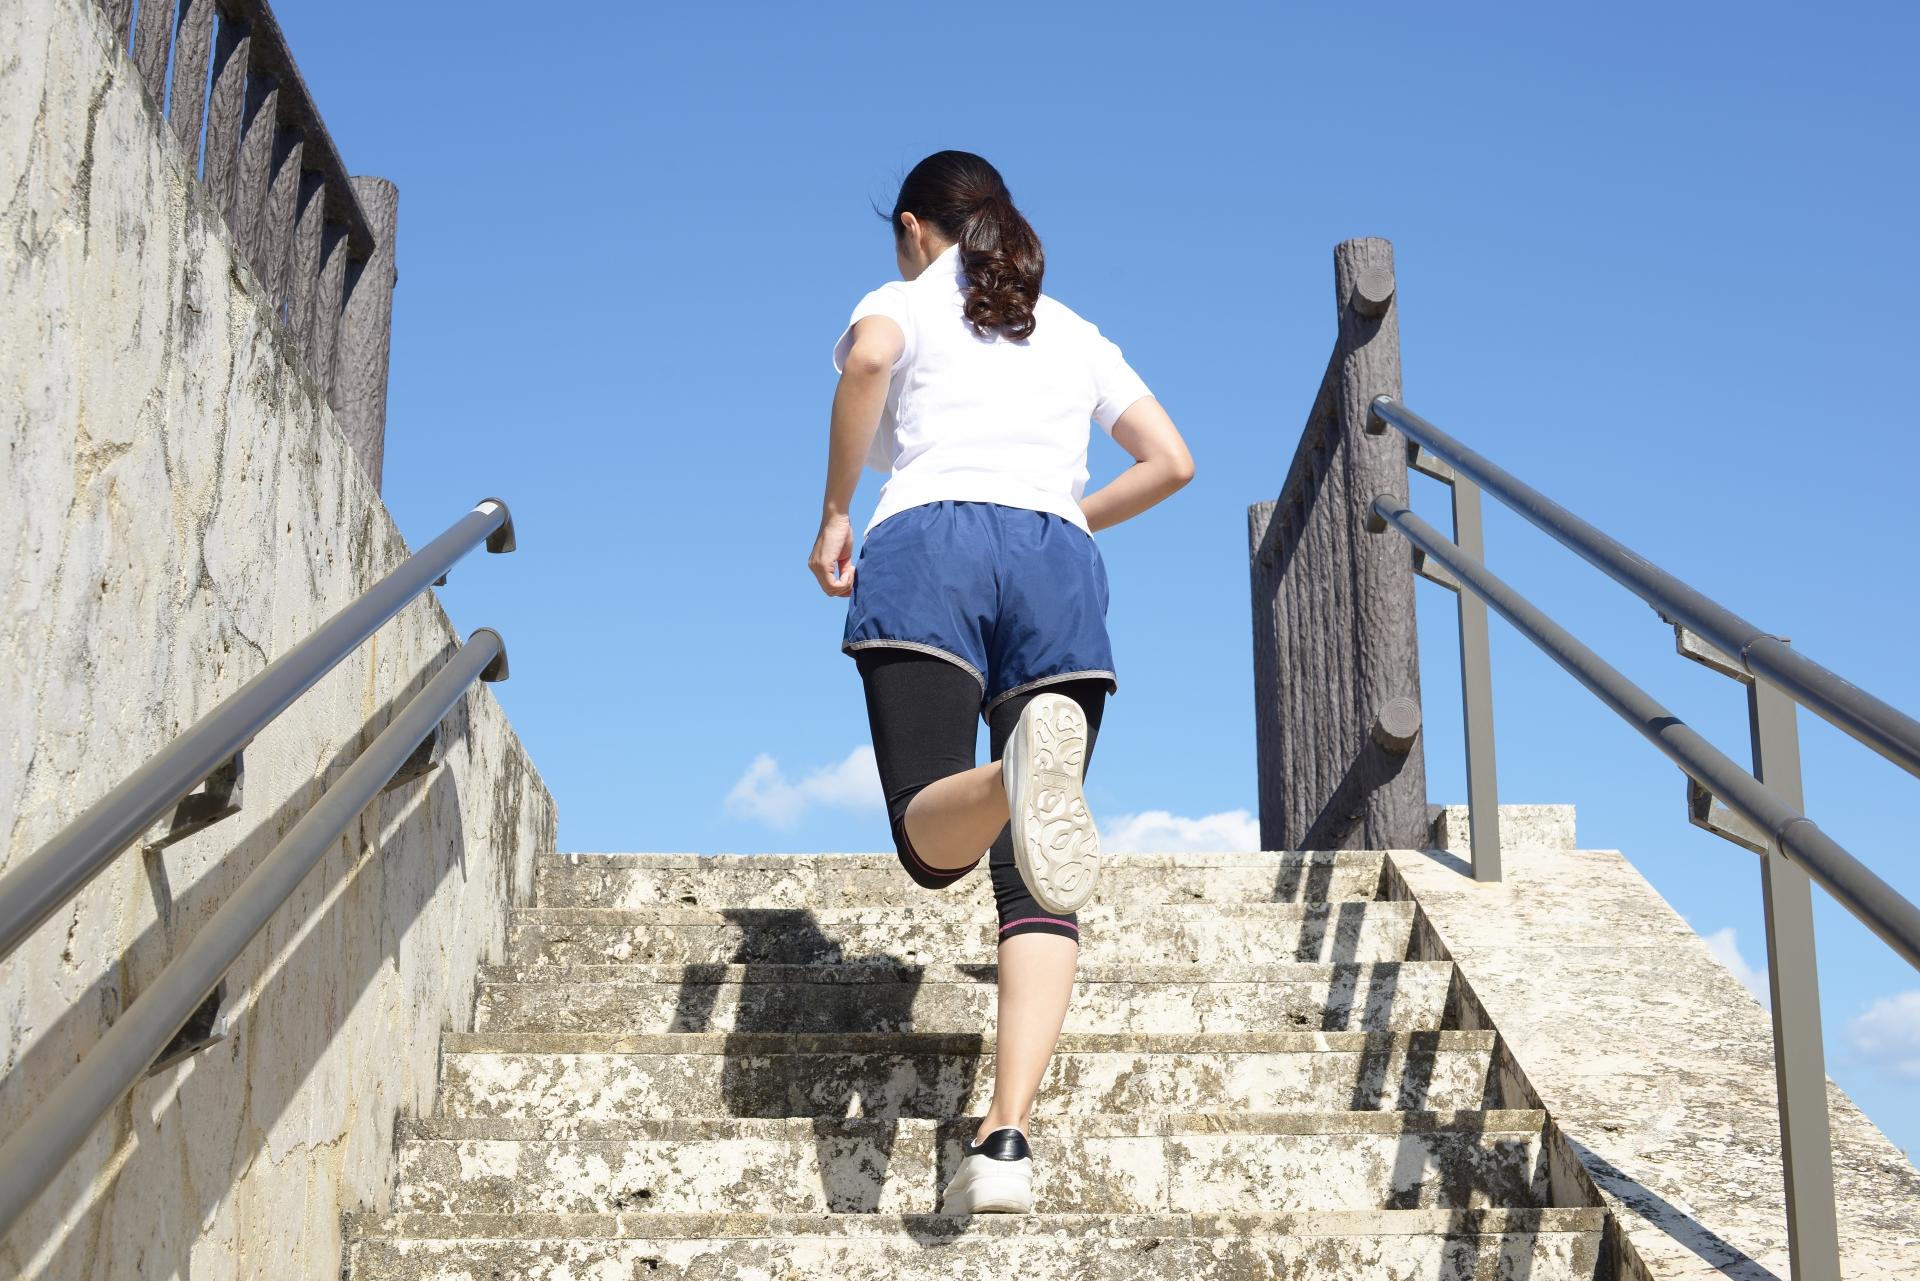 女性が階段を駆け上がる写真